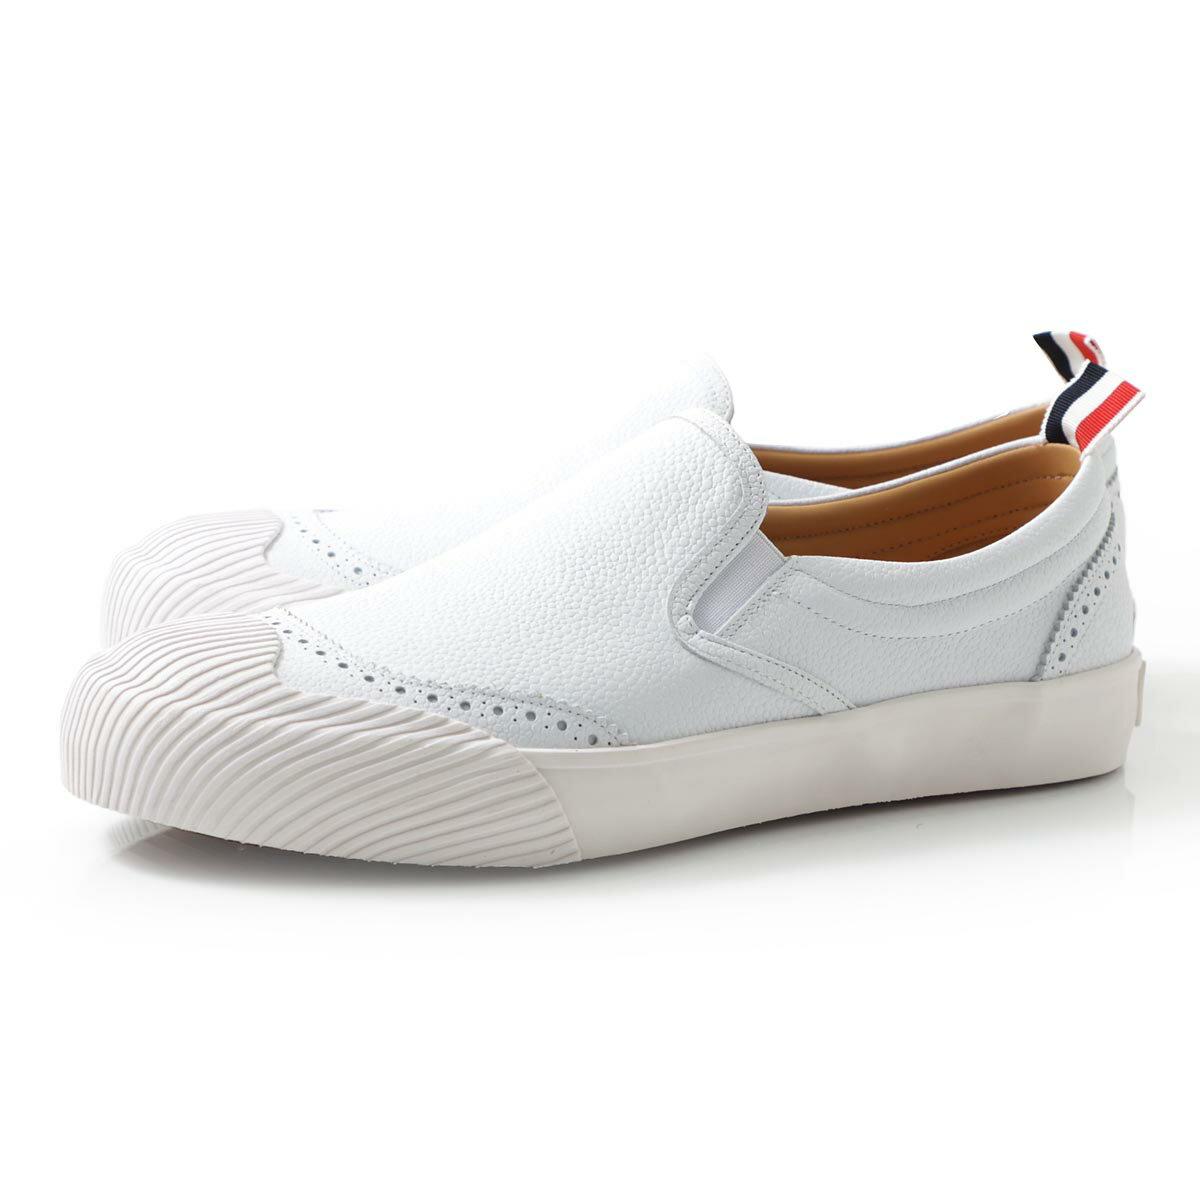 メンズ靴, スリッポン  THOM BROWNE. mfl047b 00198 100 SLIP-ON VULCANIZED SNEAKER W BROGUING IN PEBBLE GRAIN LEATHER